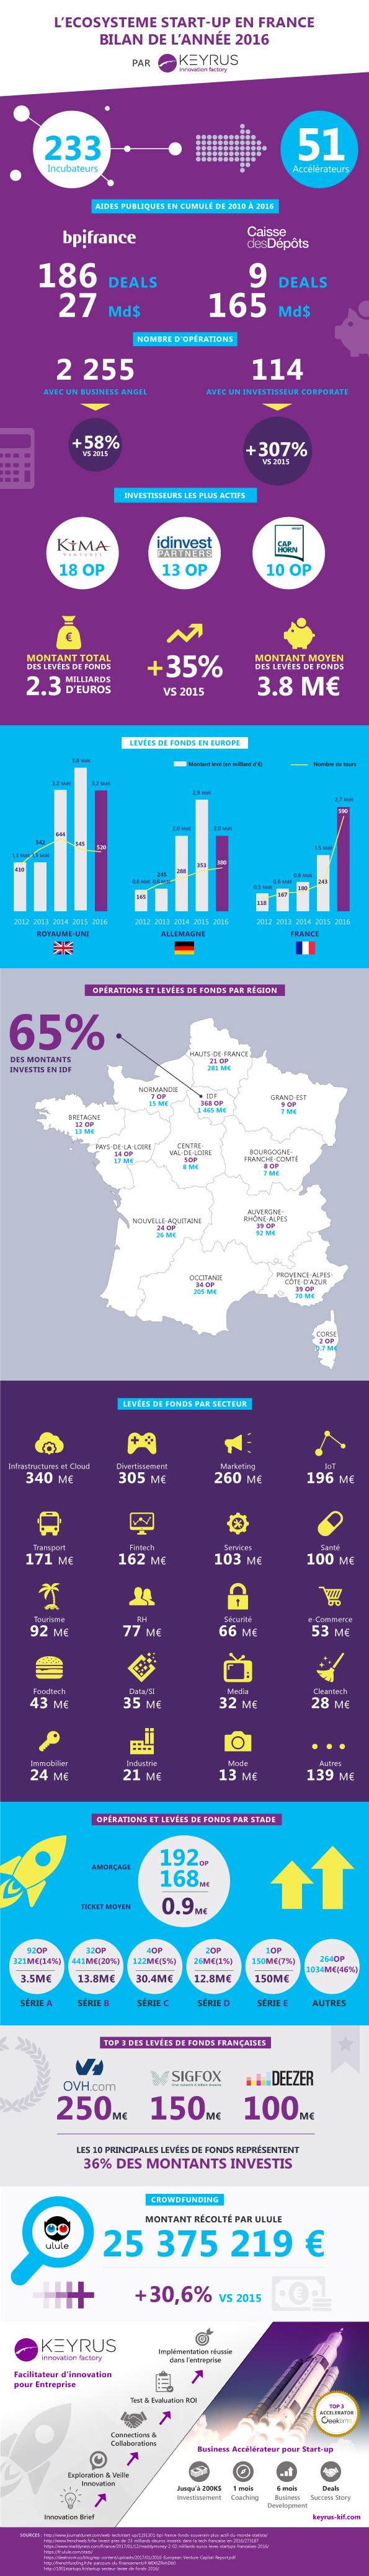 infographie chiffres startups en france